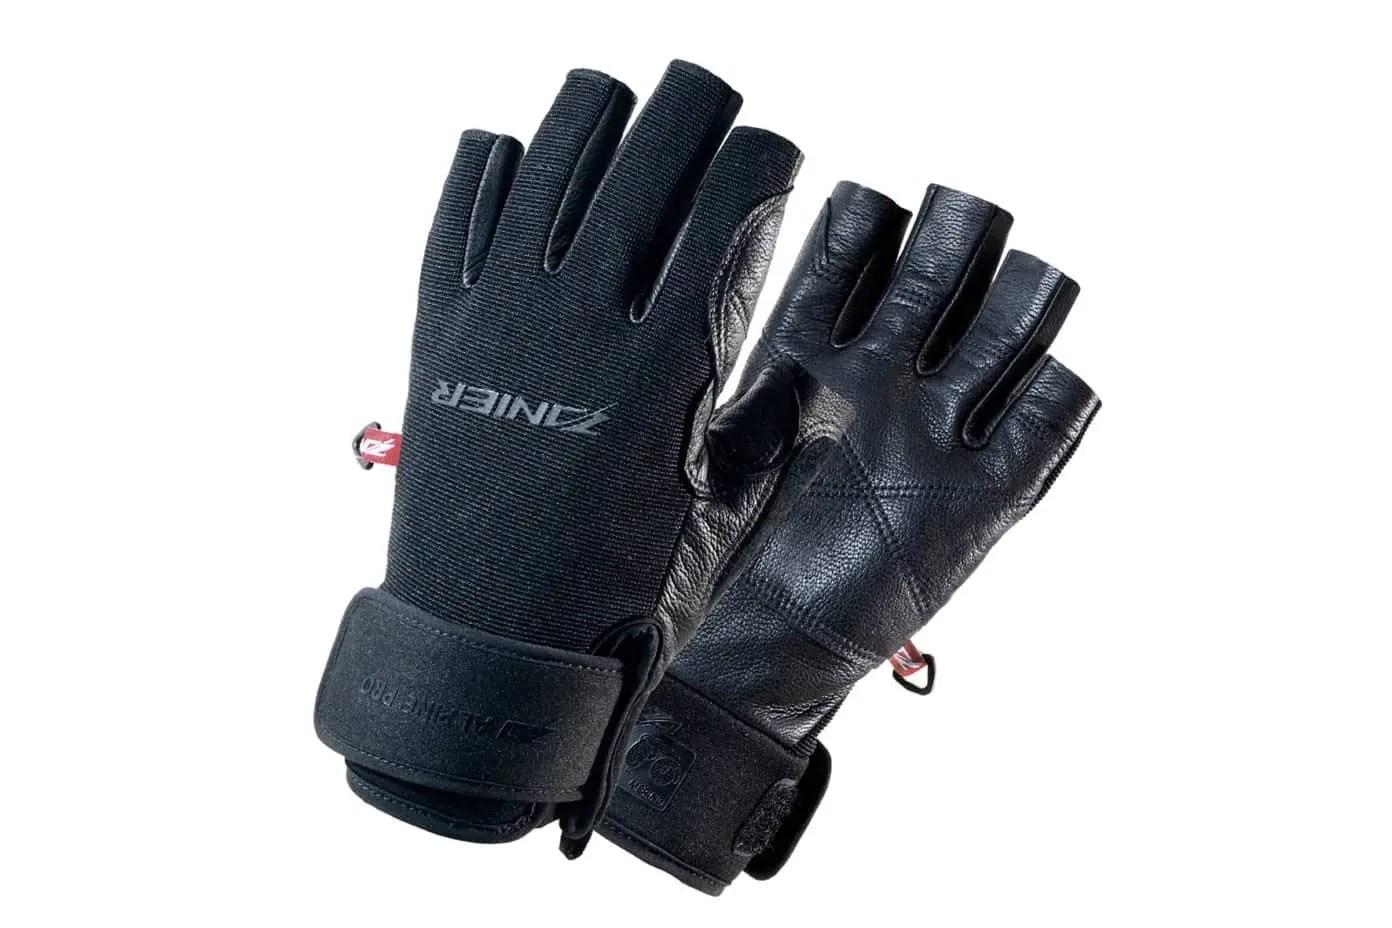 Klettersteig Handschuhe : Black diamond crag half finger gloves outdoor klettersteig und